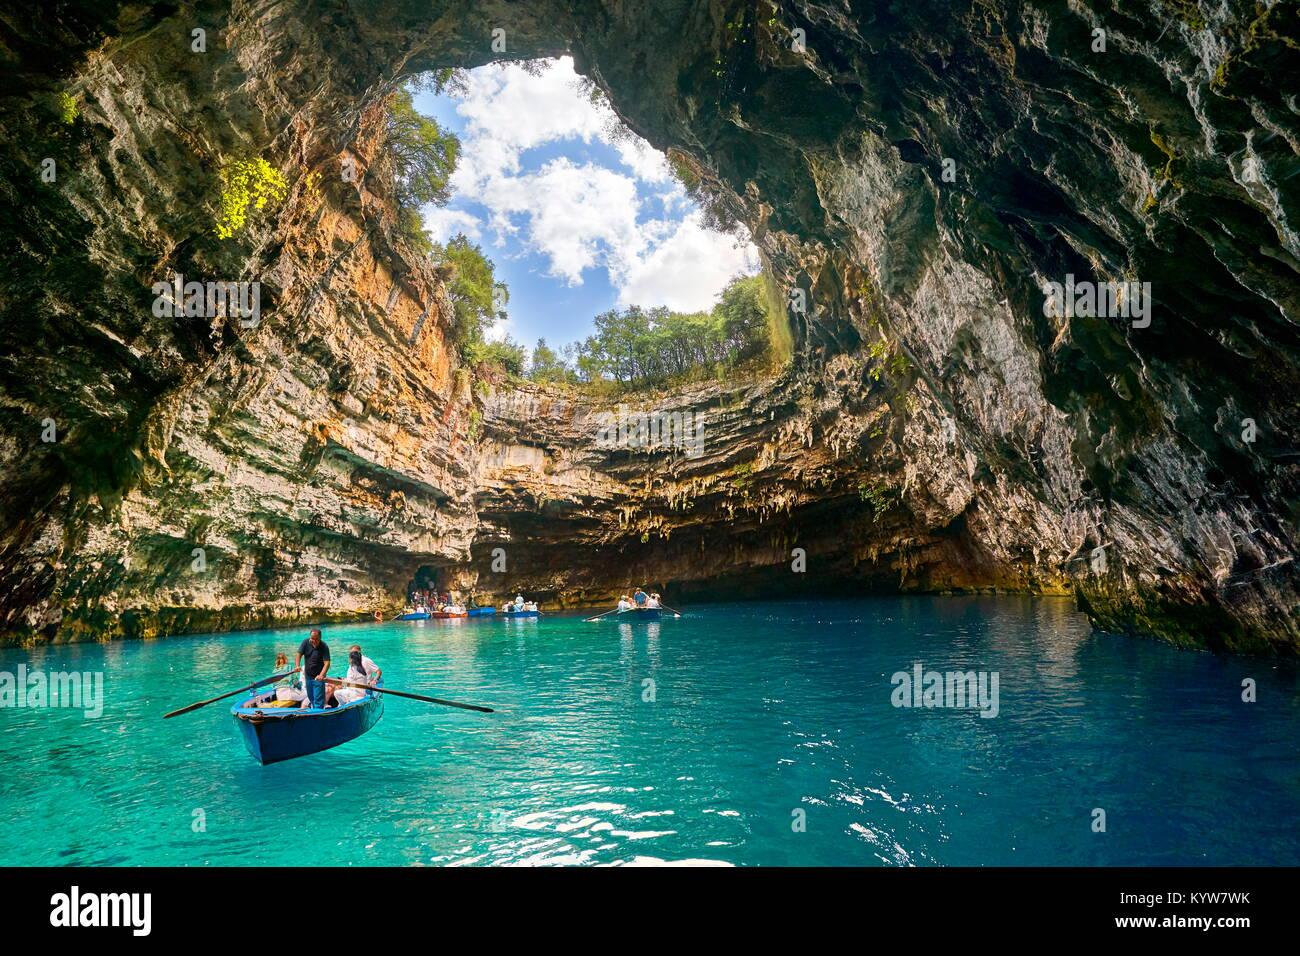 La barca turistica sul lago in grotta Melissani, l'isola di Cefalonia, Grecia Immagini Stock